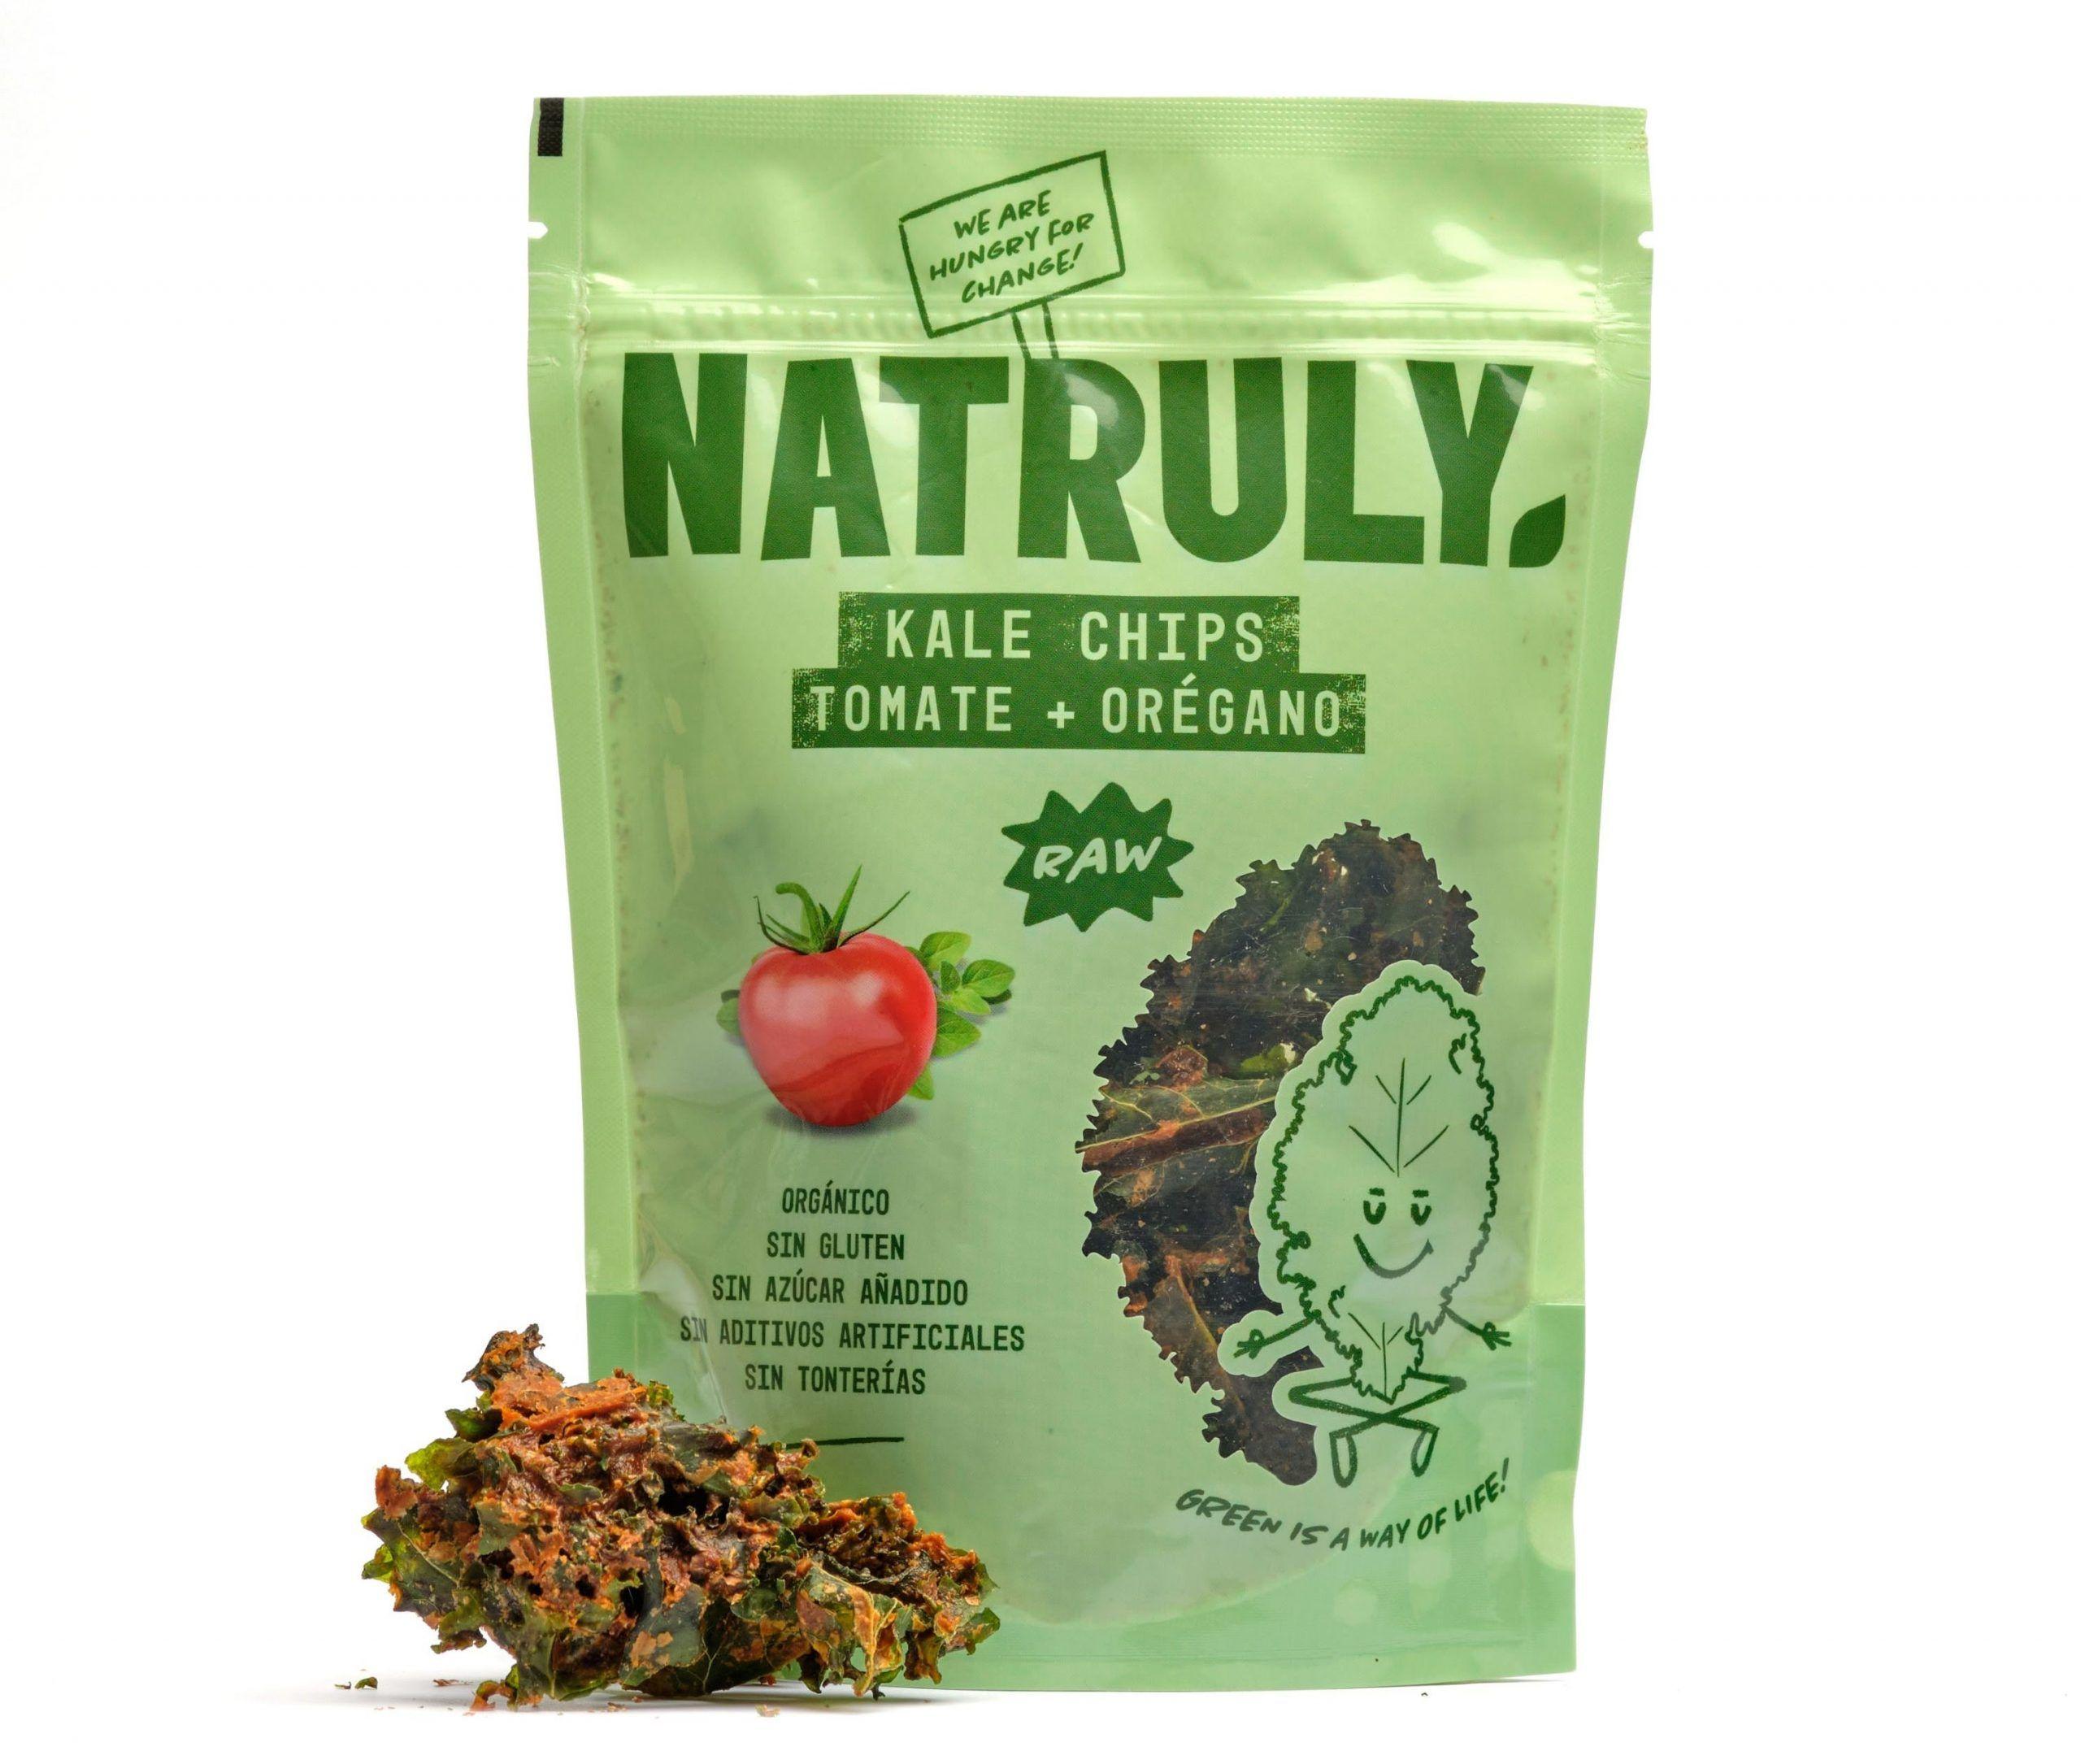 Natruly refuerza su oferta de snacks saludables con los nuevos Kale Chips orgánicos